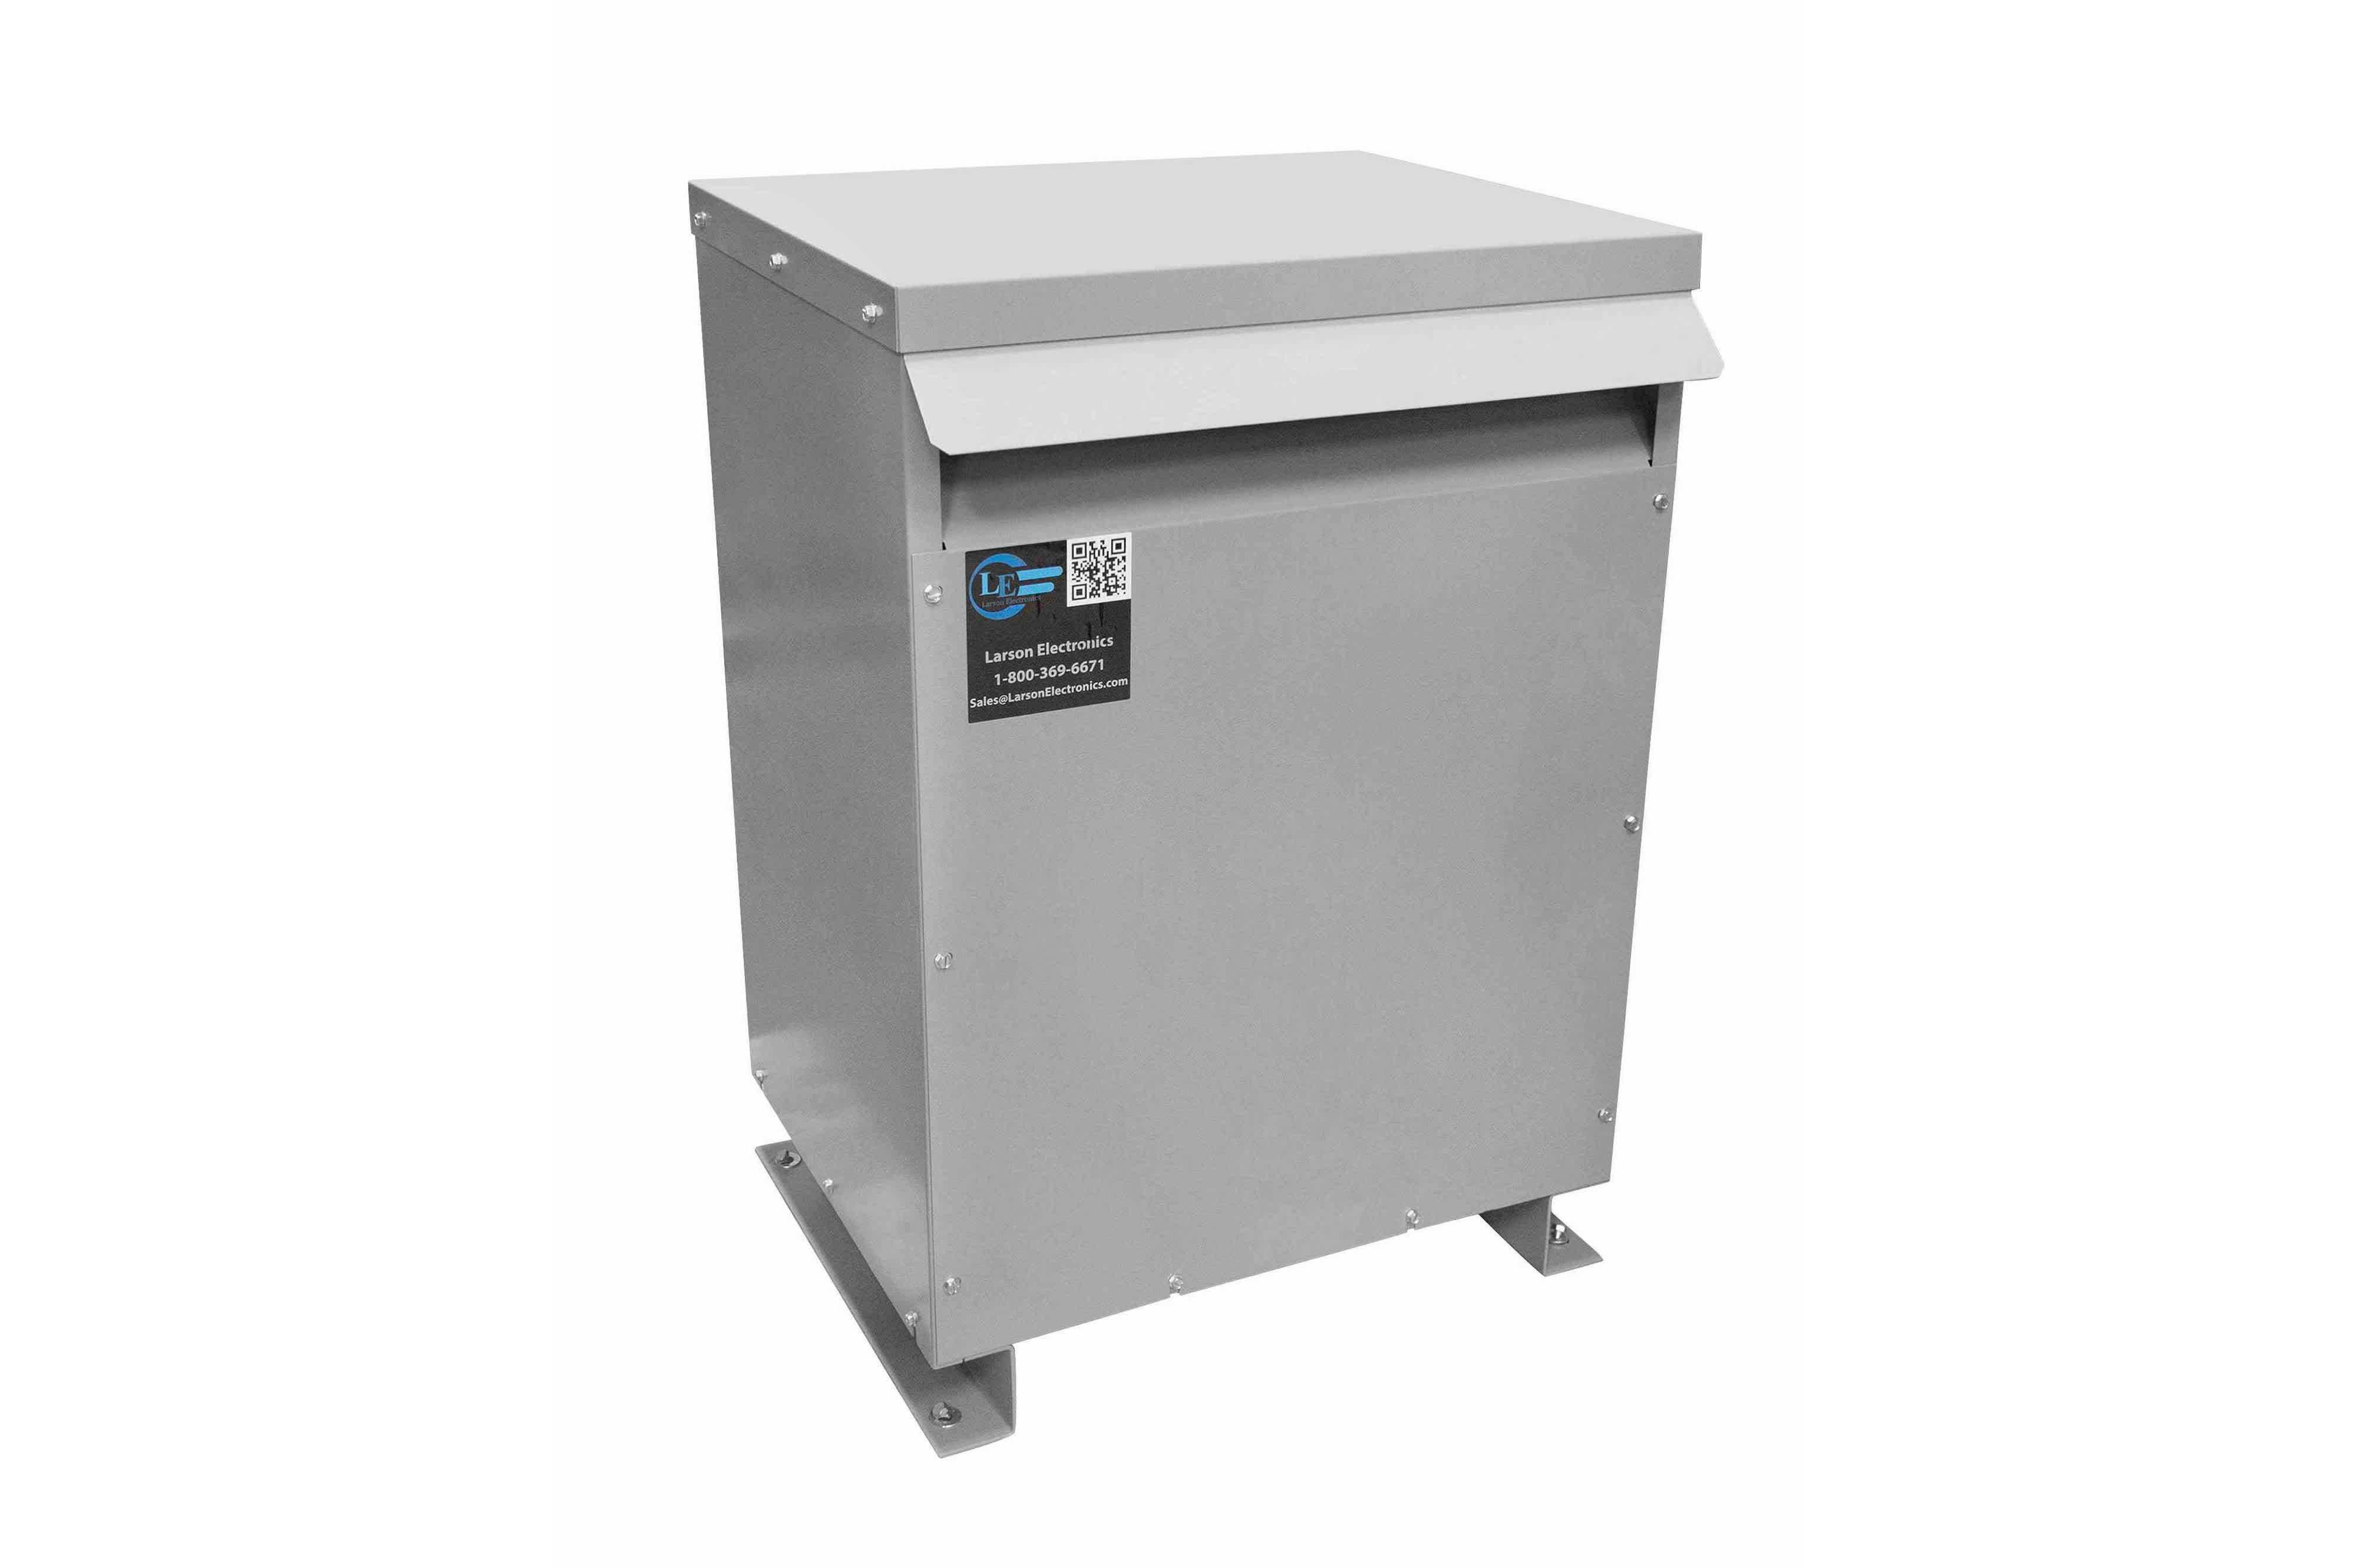 37.5 kVA 3PH Isolation Transformer, 400V Delta Primary, 480V Delta Secondary, N3R, Ventilated, 60 Hz